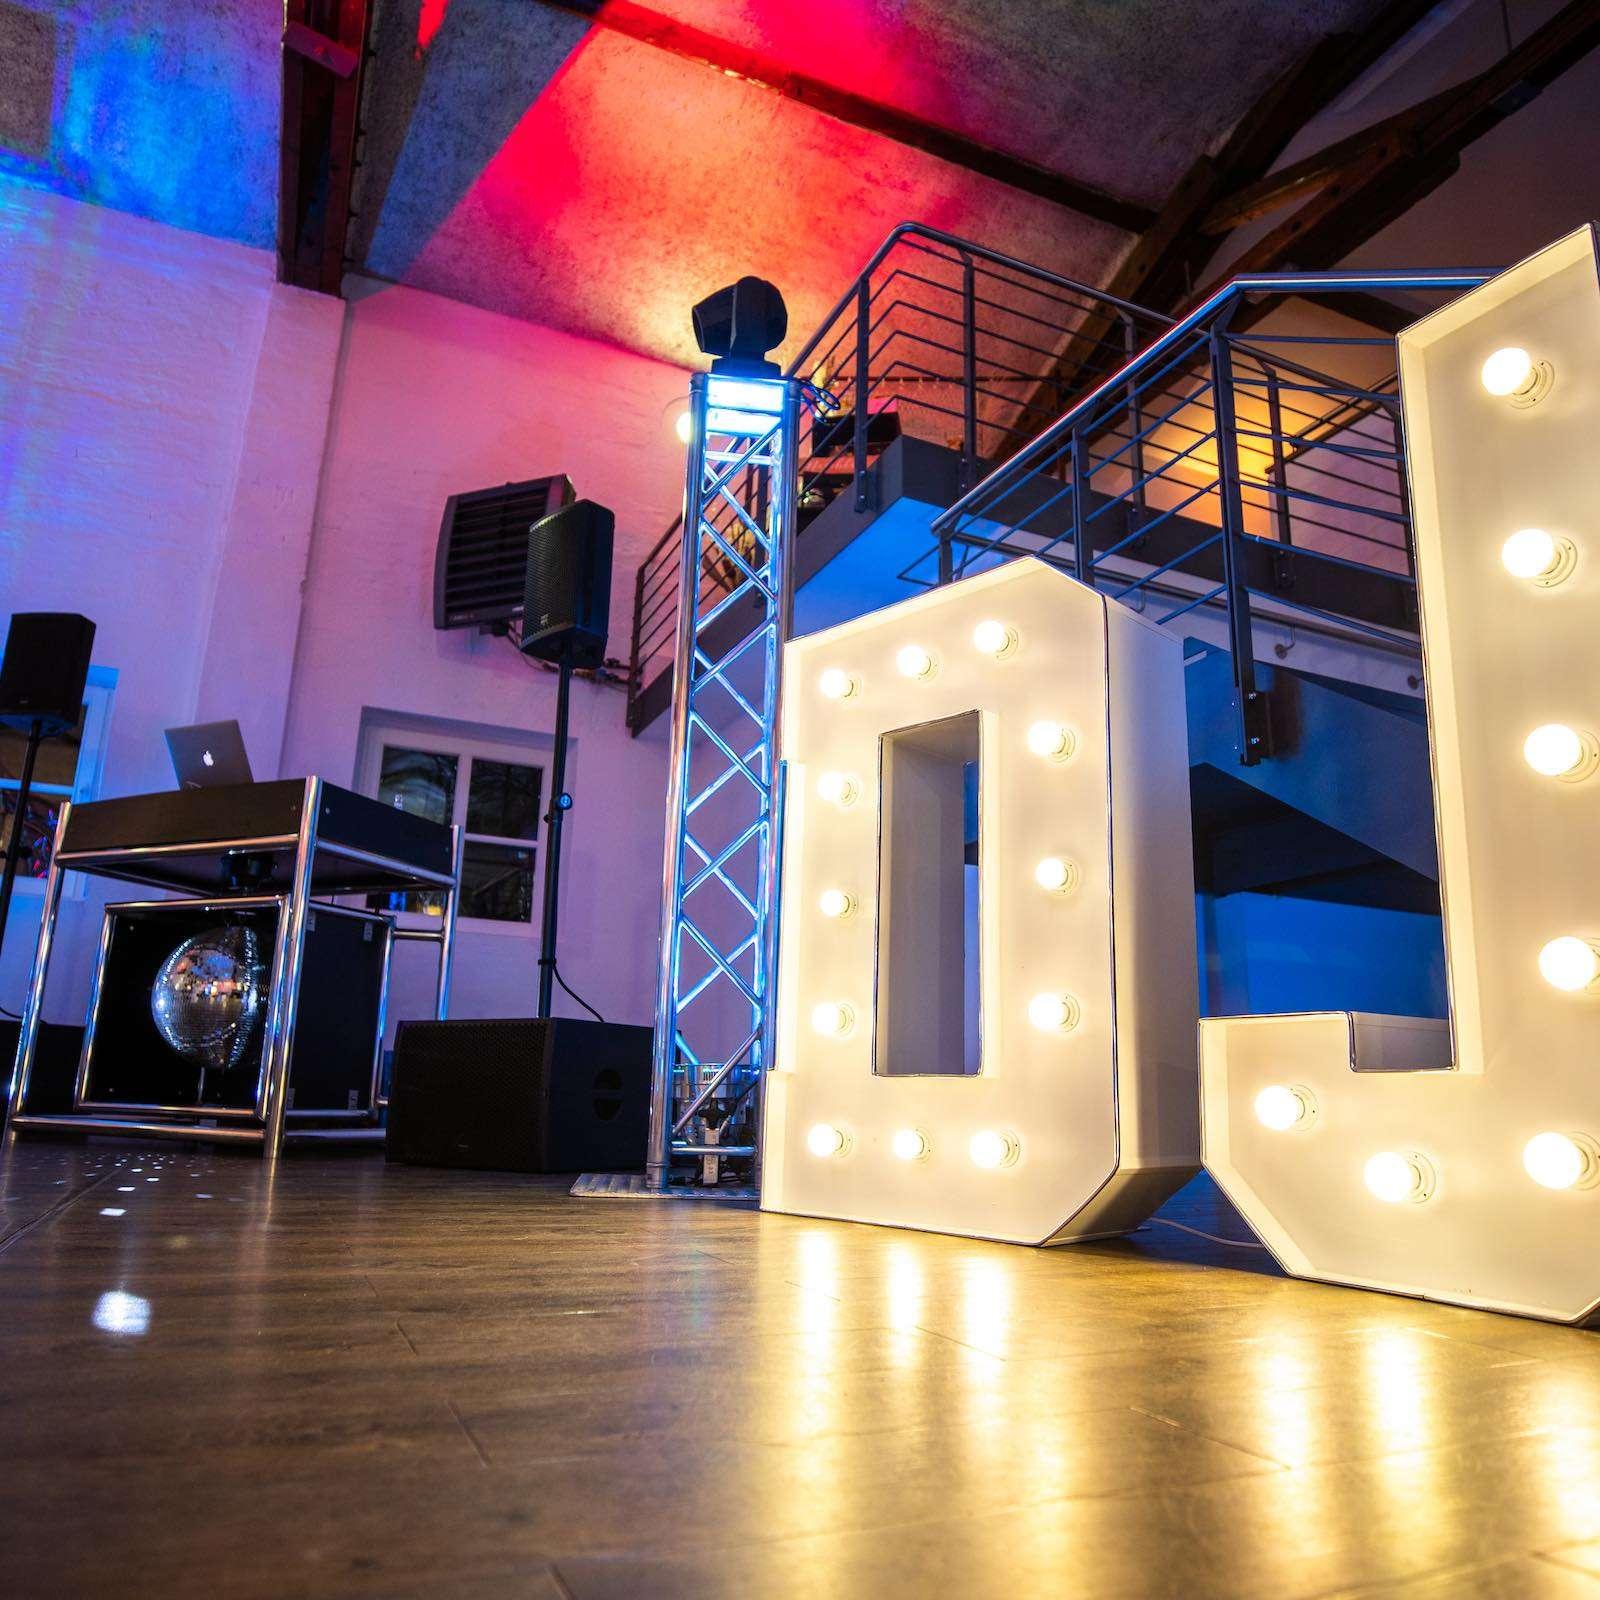 Leuchtbuchstaben | Hochzeit | LED | Buchstaben | Wedding | Beleuchtete | XXL | Holz | DJ | Hannover | Quertz | Buchen | Mieten | Anfragen | Lehmann | Eventservice